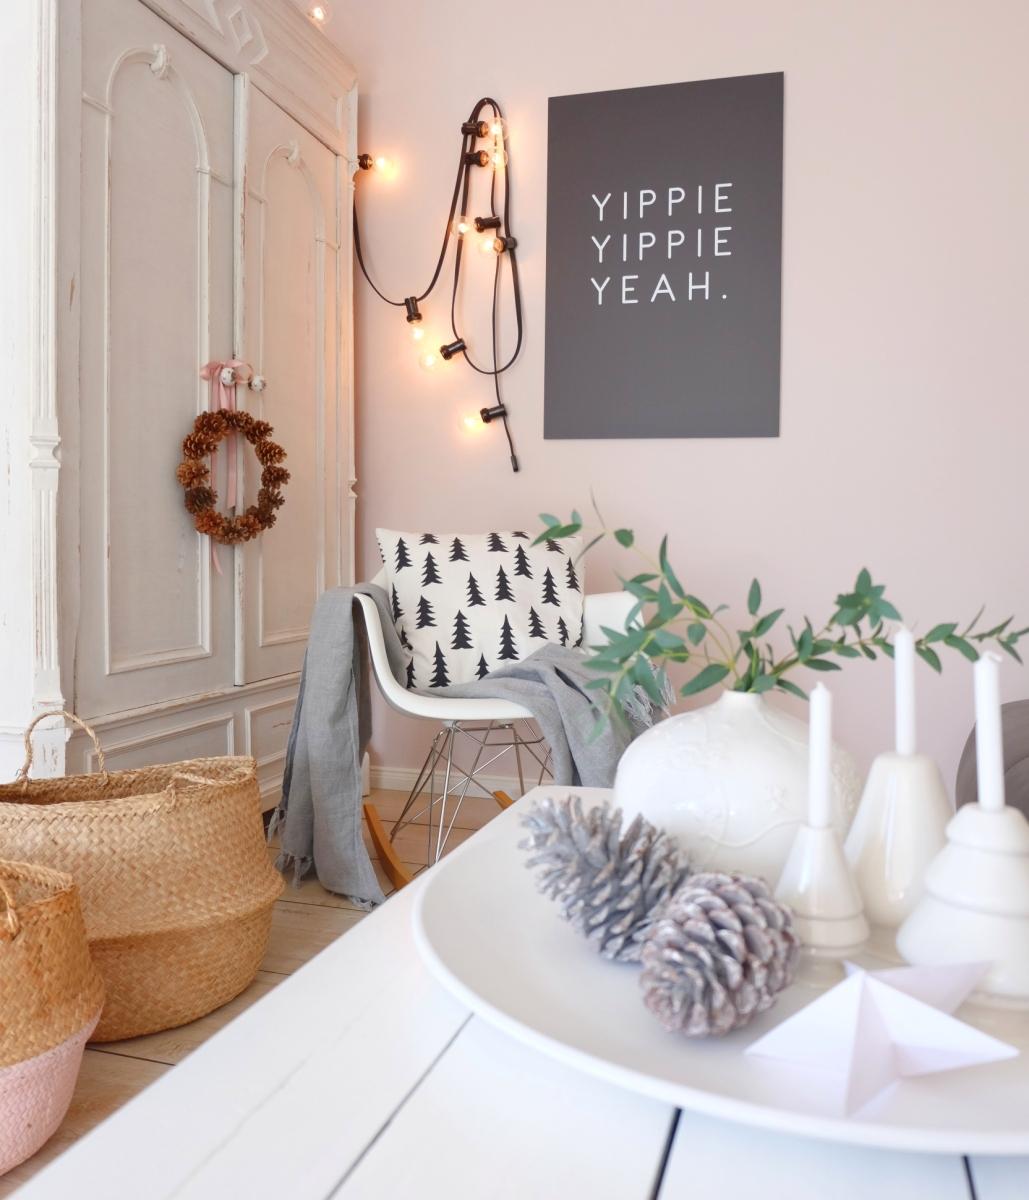 Weihnachtsgeschenk DIY Tannenzapfenkranz